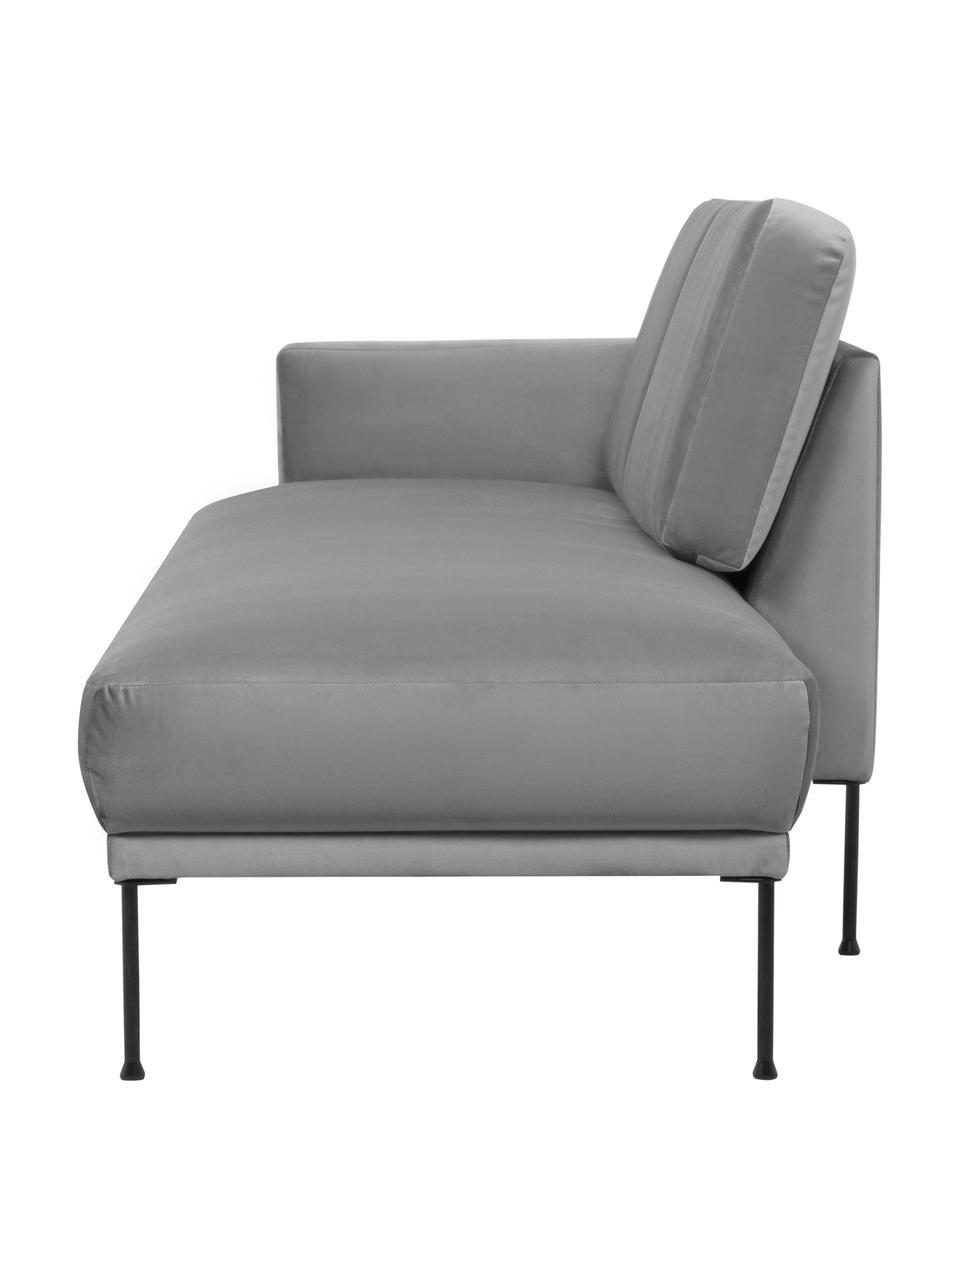 Fluwelen chaise longue Fluente in lichtgrijs met metalen poten, Bekleding: fluweel (hoogwaardig poly, Frame: massief grenenhout, Poten: gepoedercoat metaal, Lichtgrijs, B 202 x D 85 cm